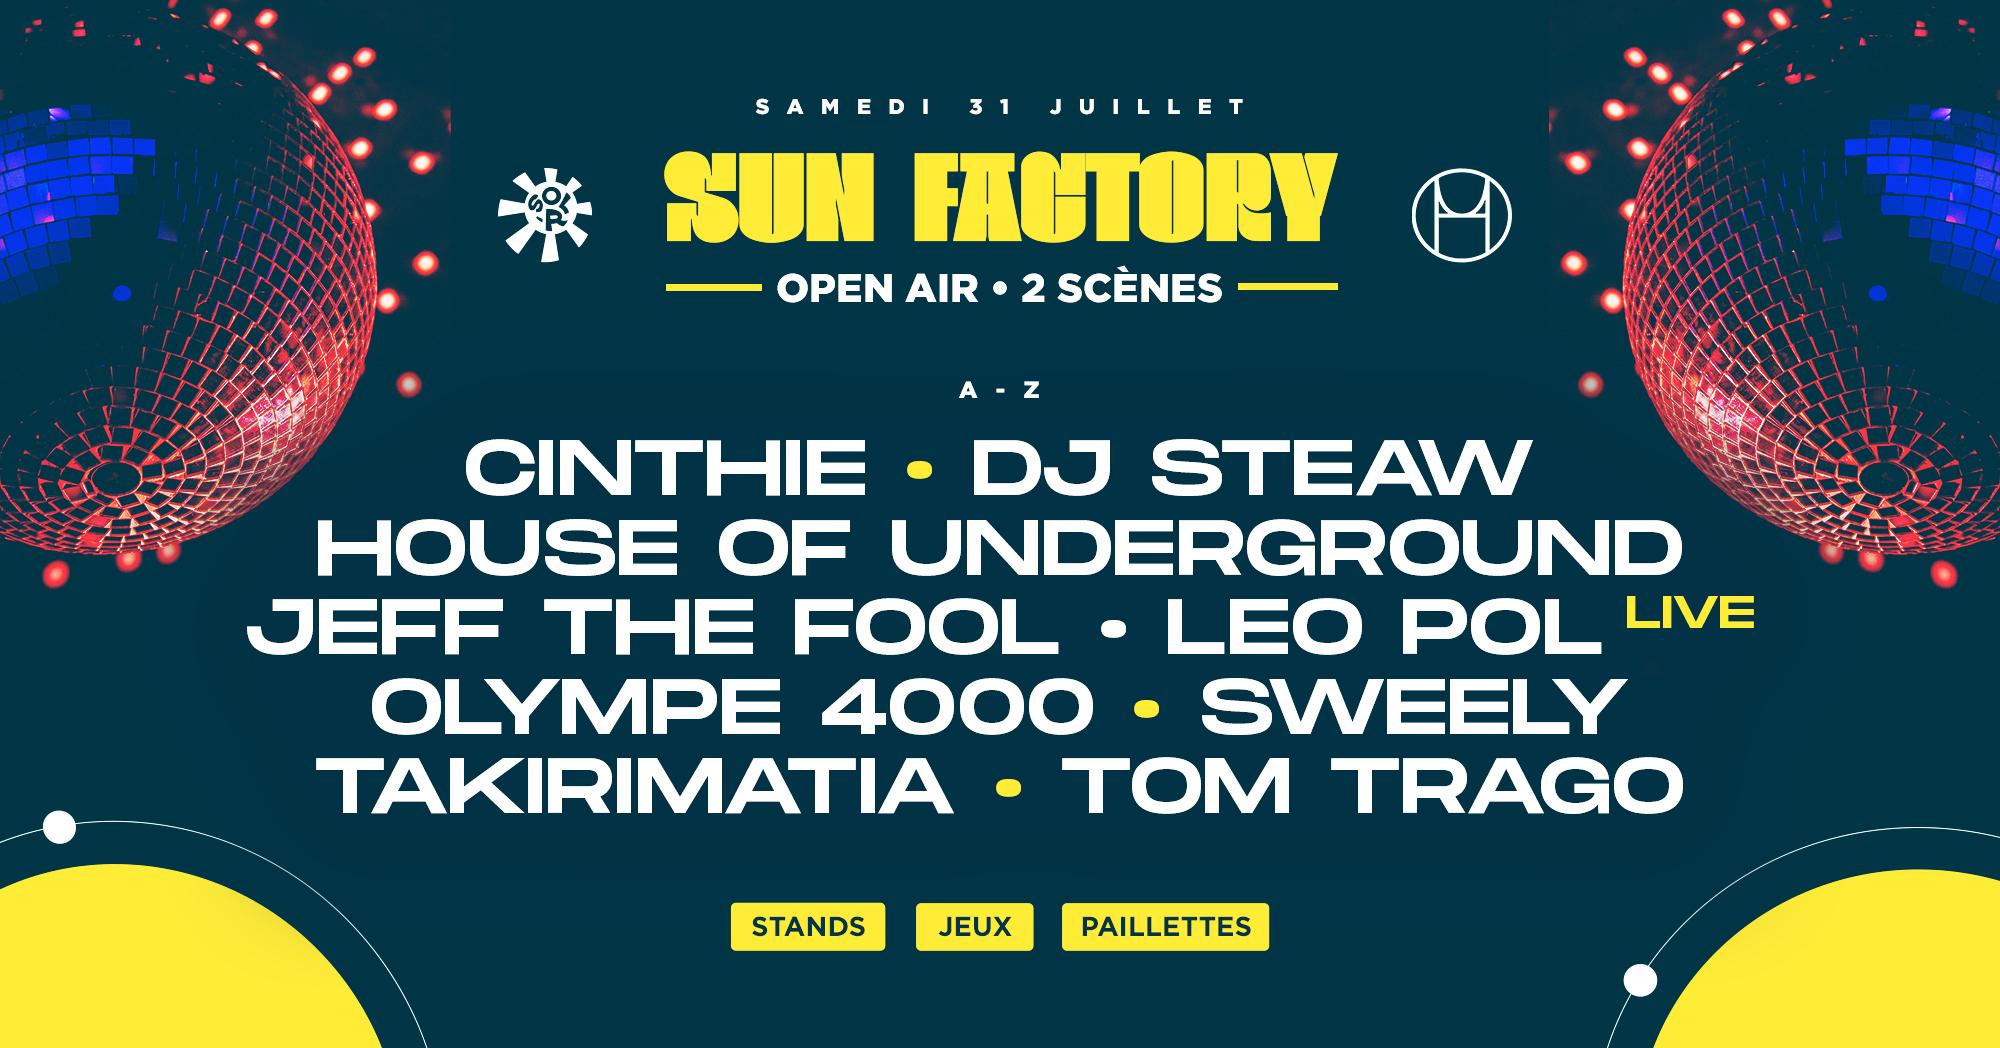 SUN FACTORY : Tom Trago, Cinthie, Sweely, Leo Pol & more..